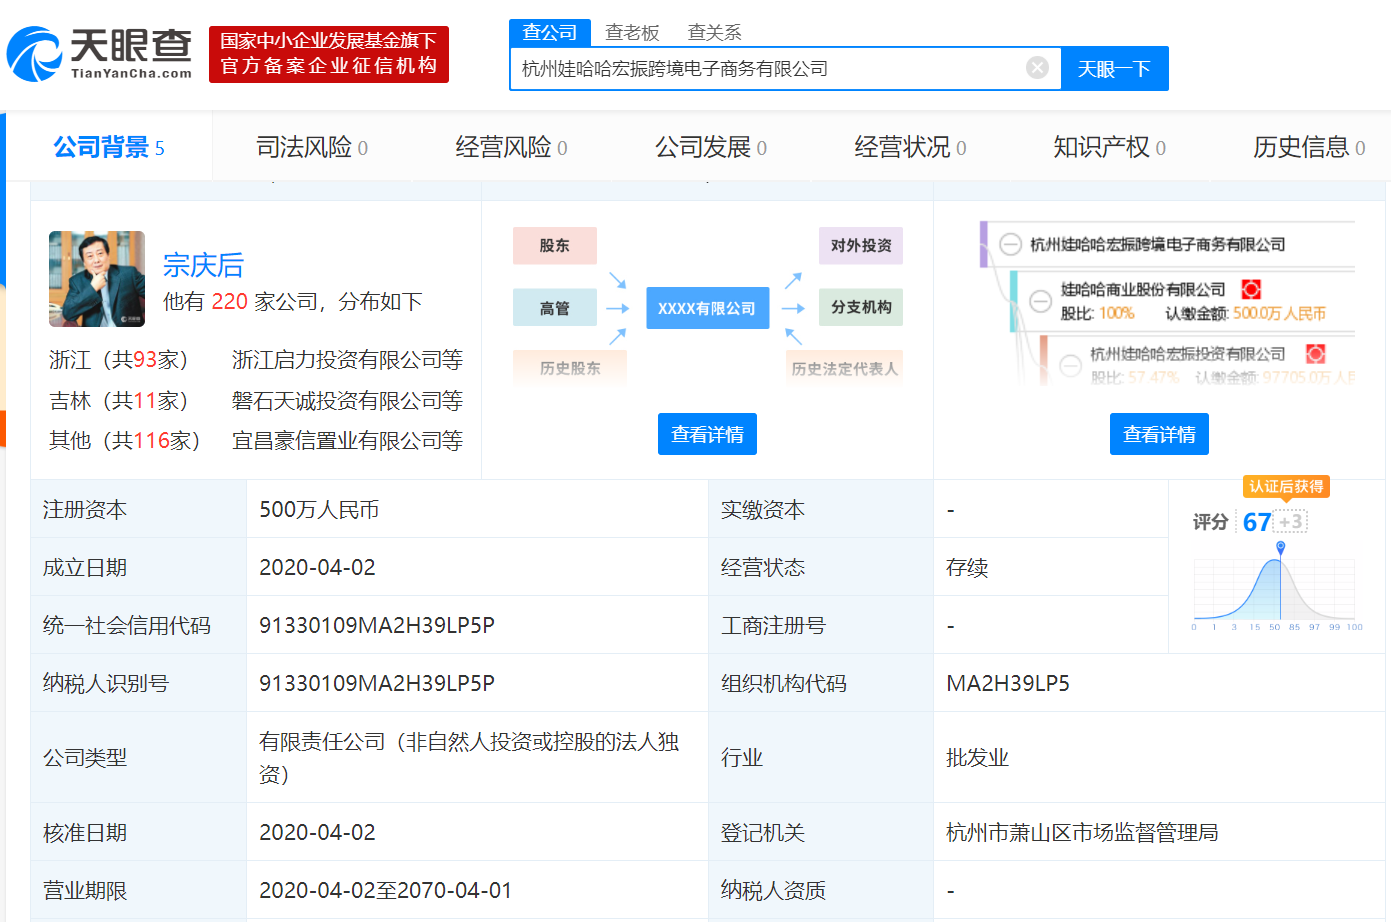 蓝冠官网,哈哈成立跨蓝冠官网境电商图片